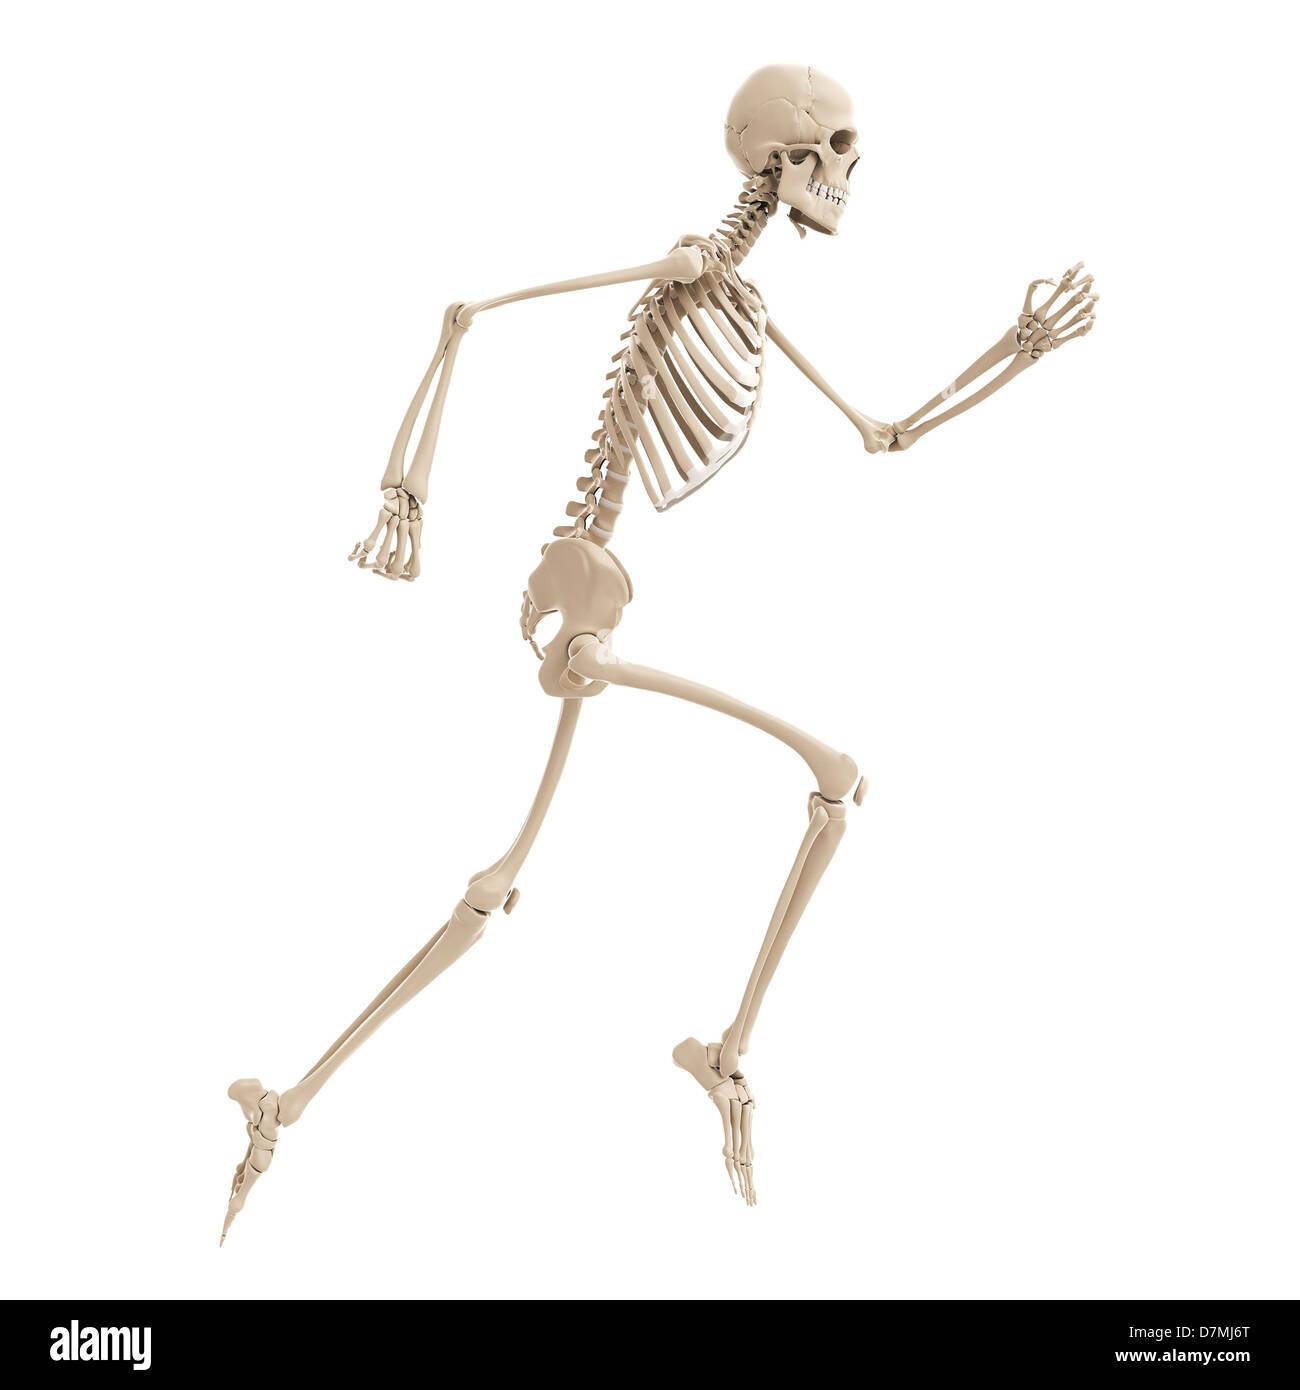 Running skeleton, artwork Stock Photo